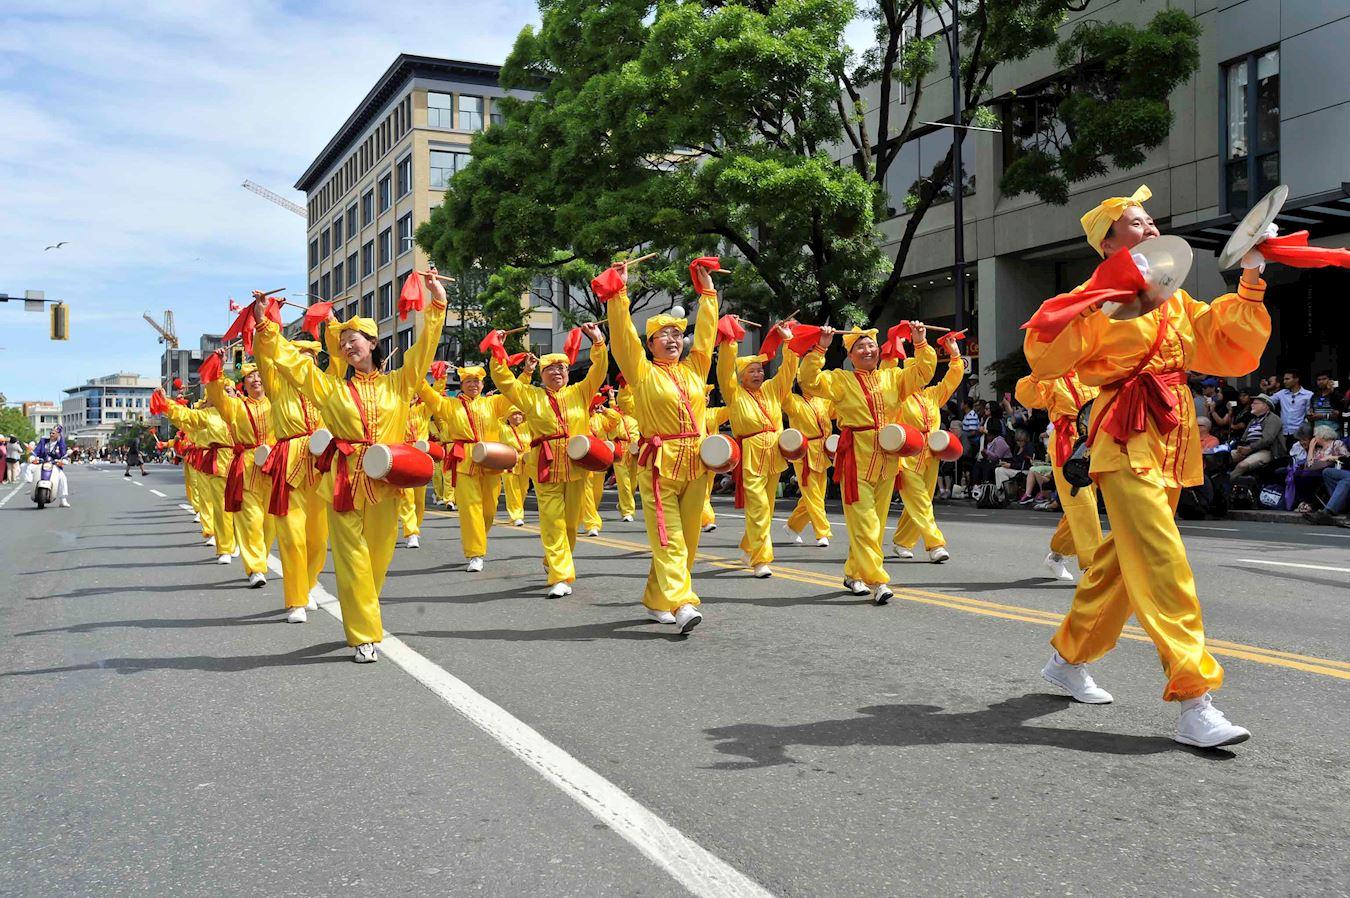 温哥华部分法轮功学员参加加拿大卑诗省维多利亚日150周年庆典游行。(明慧网)